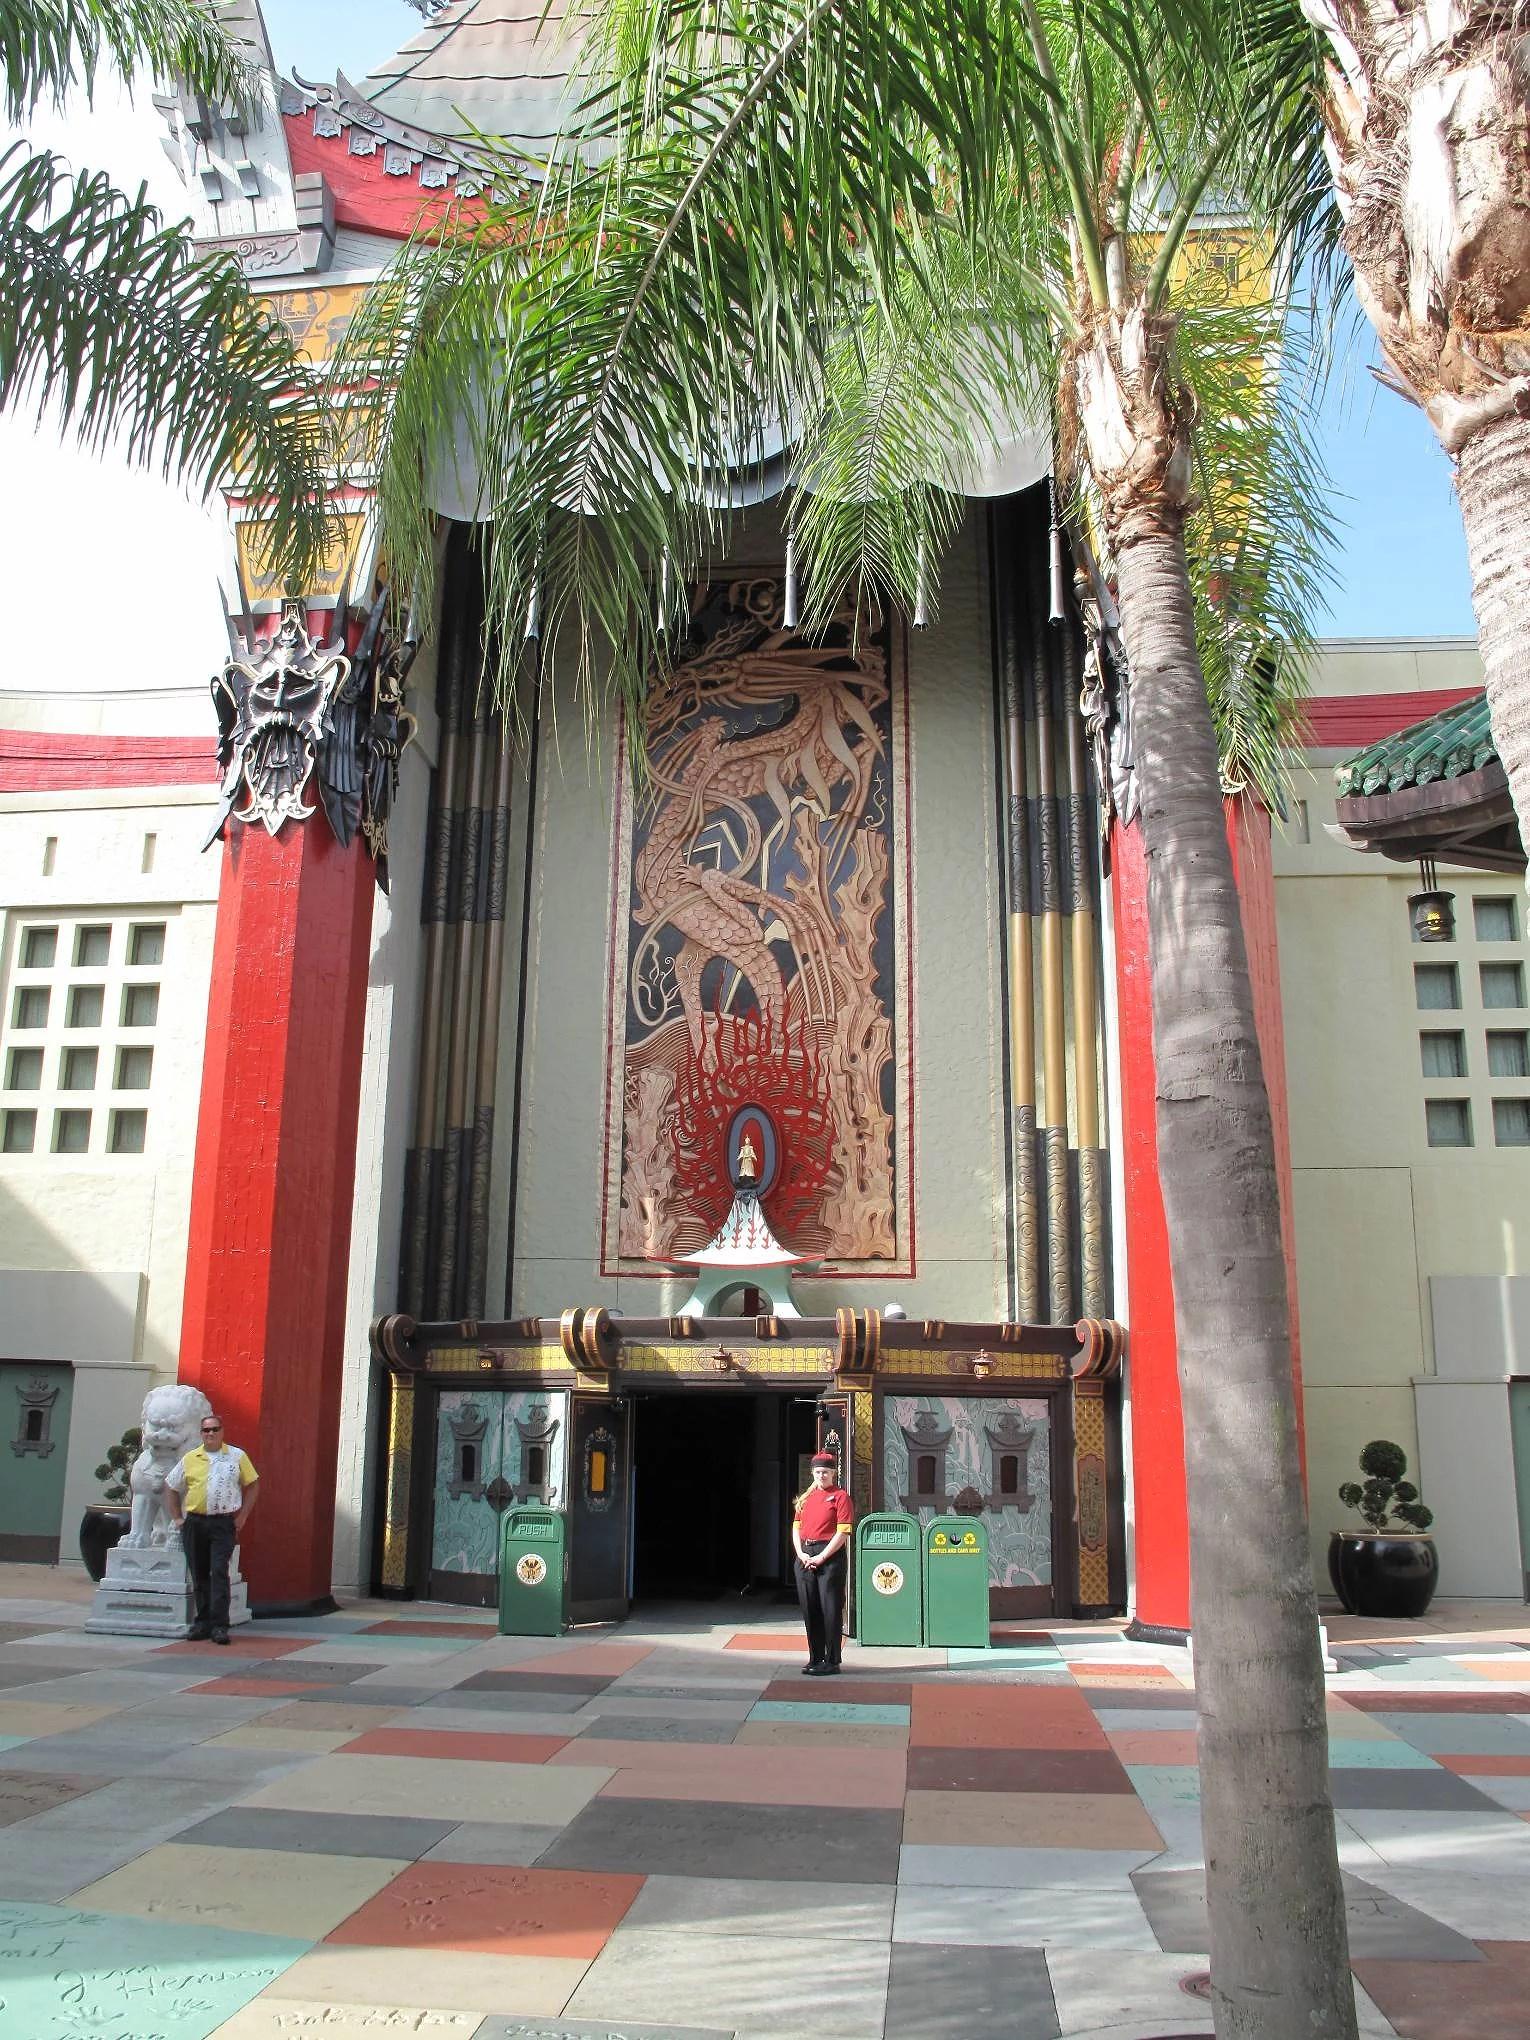 Topp 7 - De bästa attraktionerna på Hollywood Studios (WDW) enligt mig.